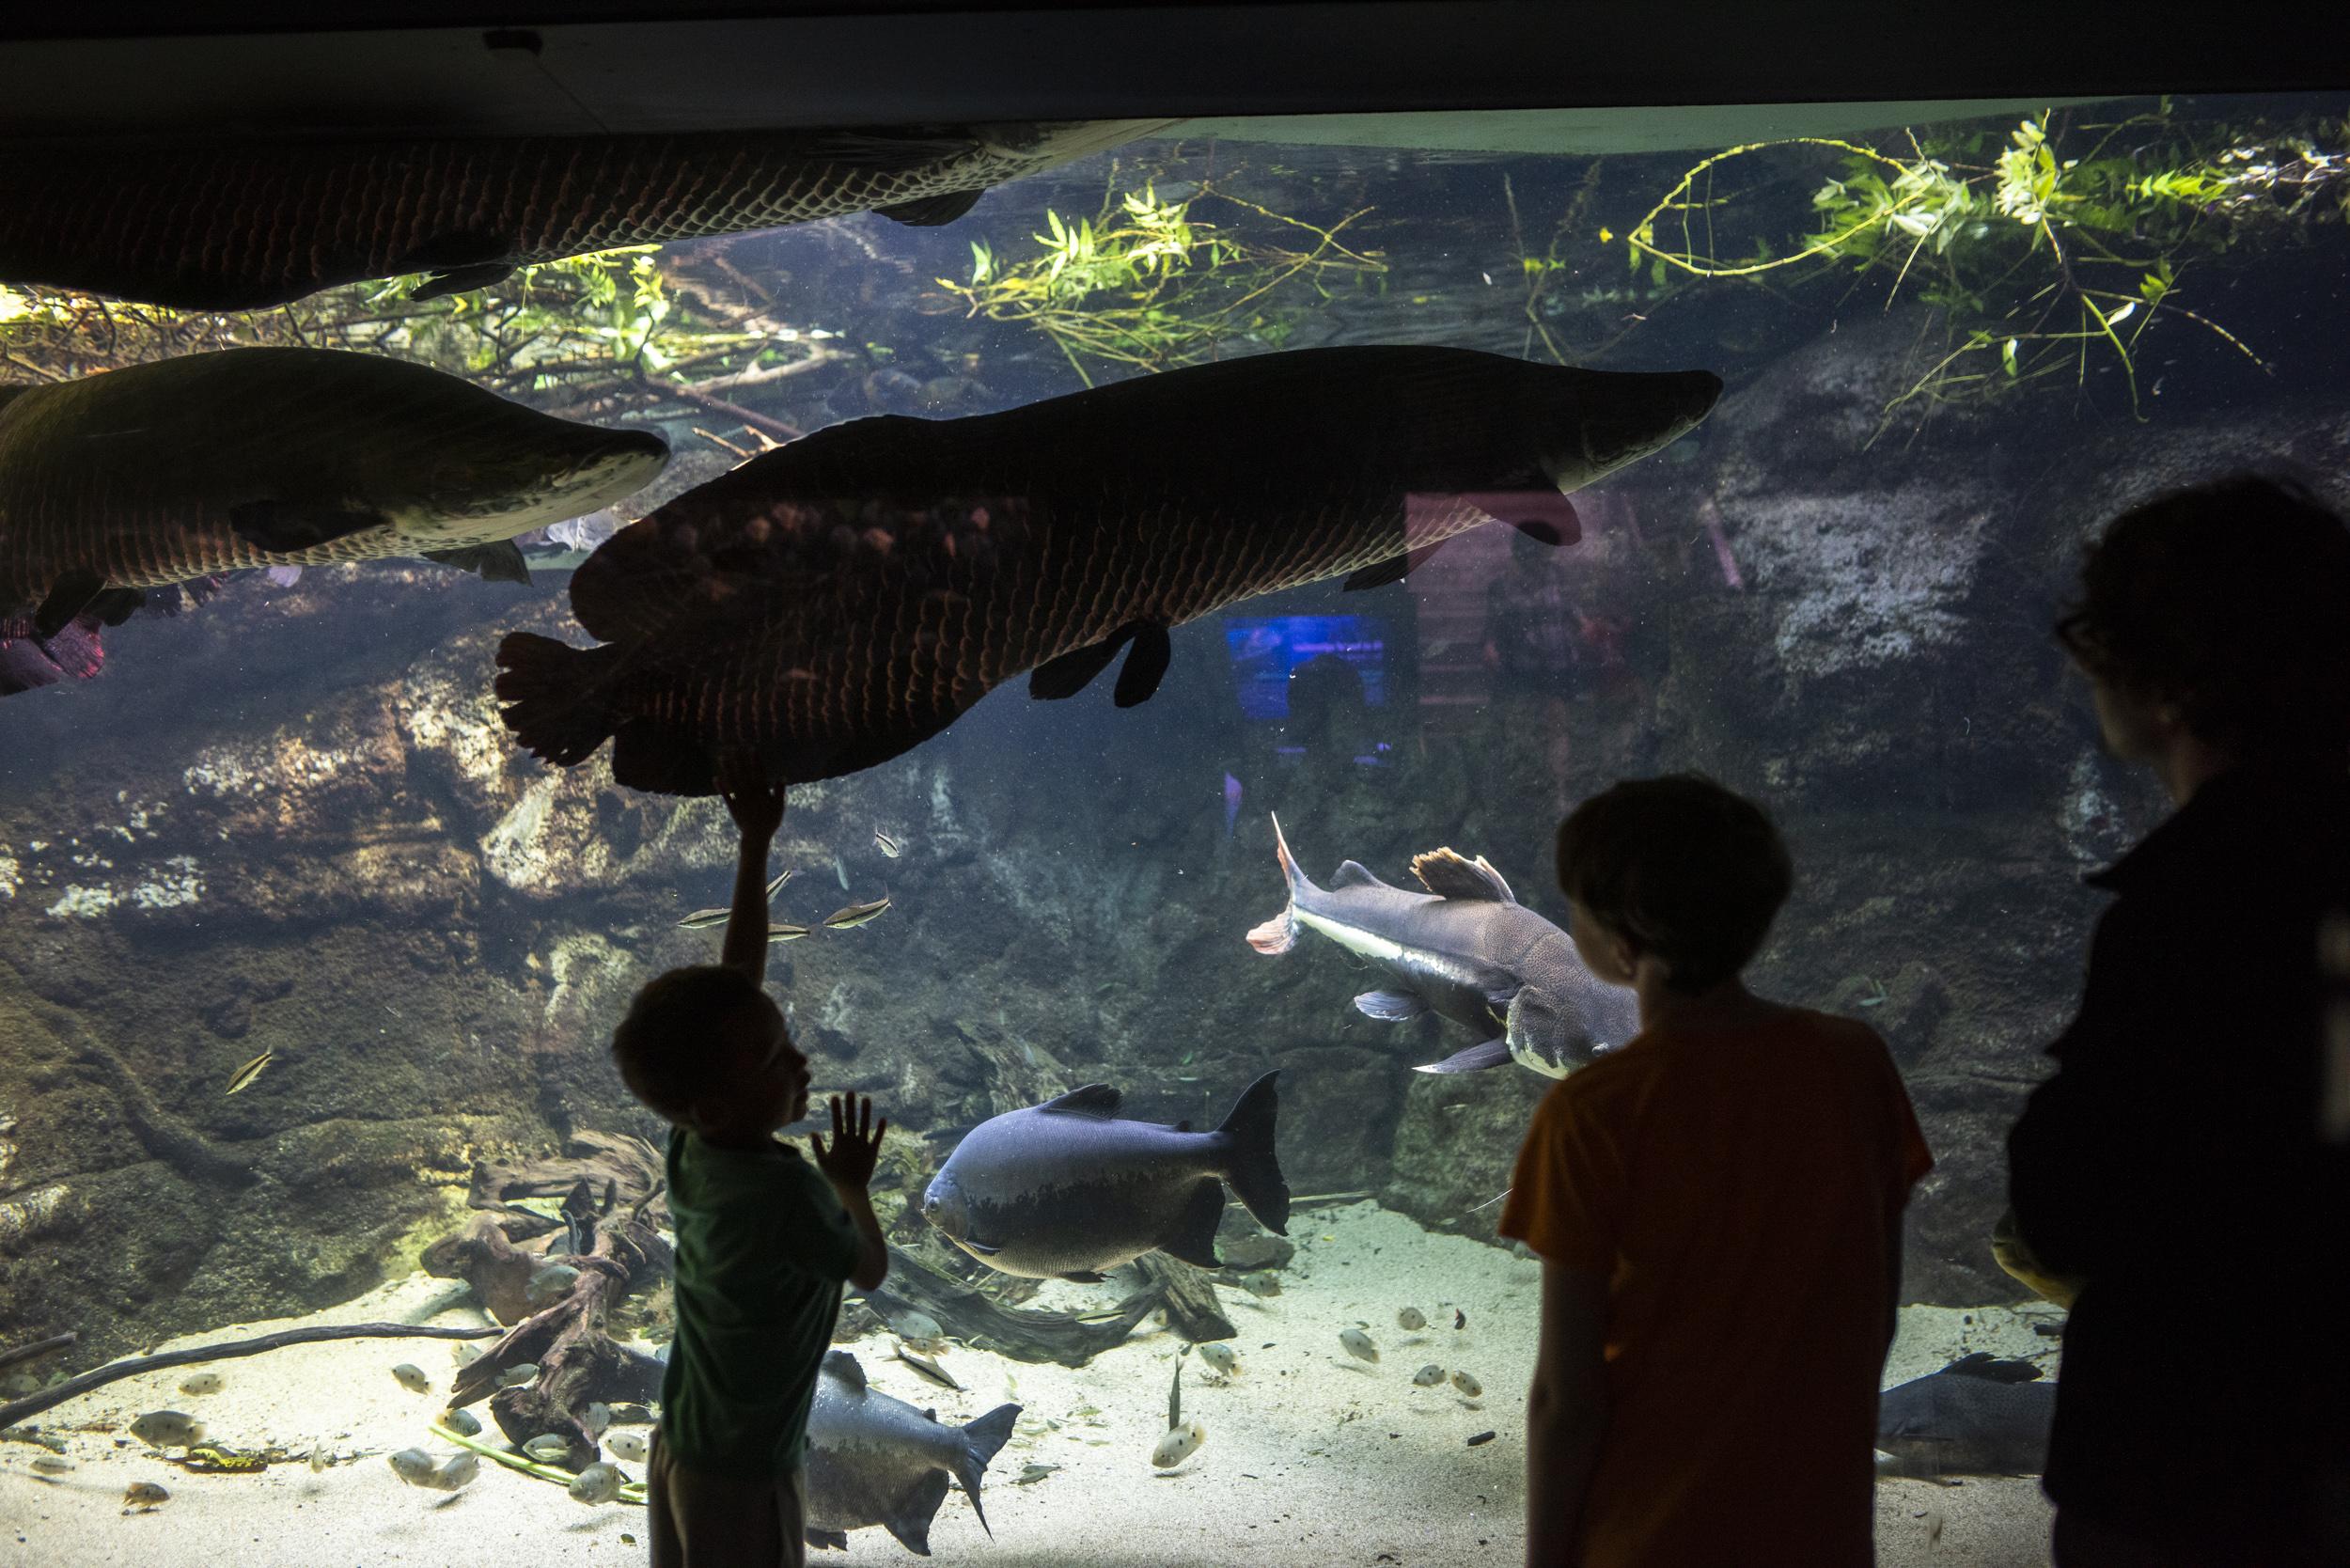 Stora fiskar fanns det också!